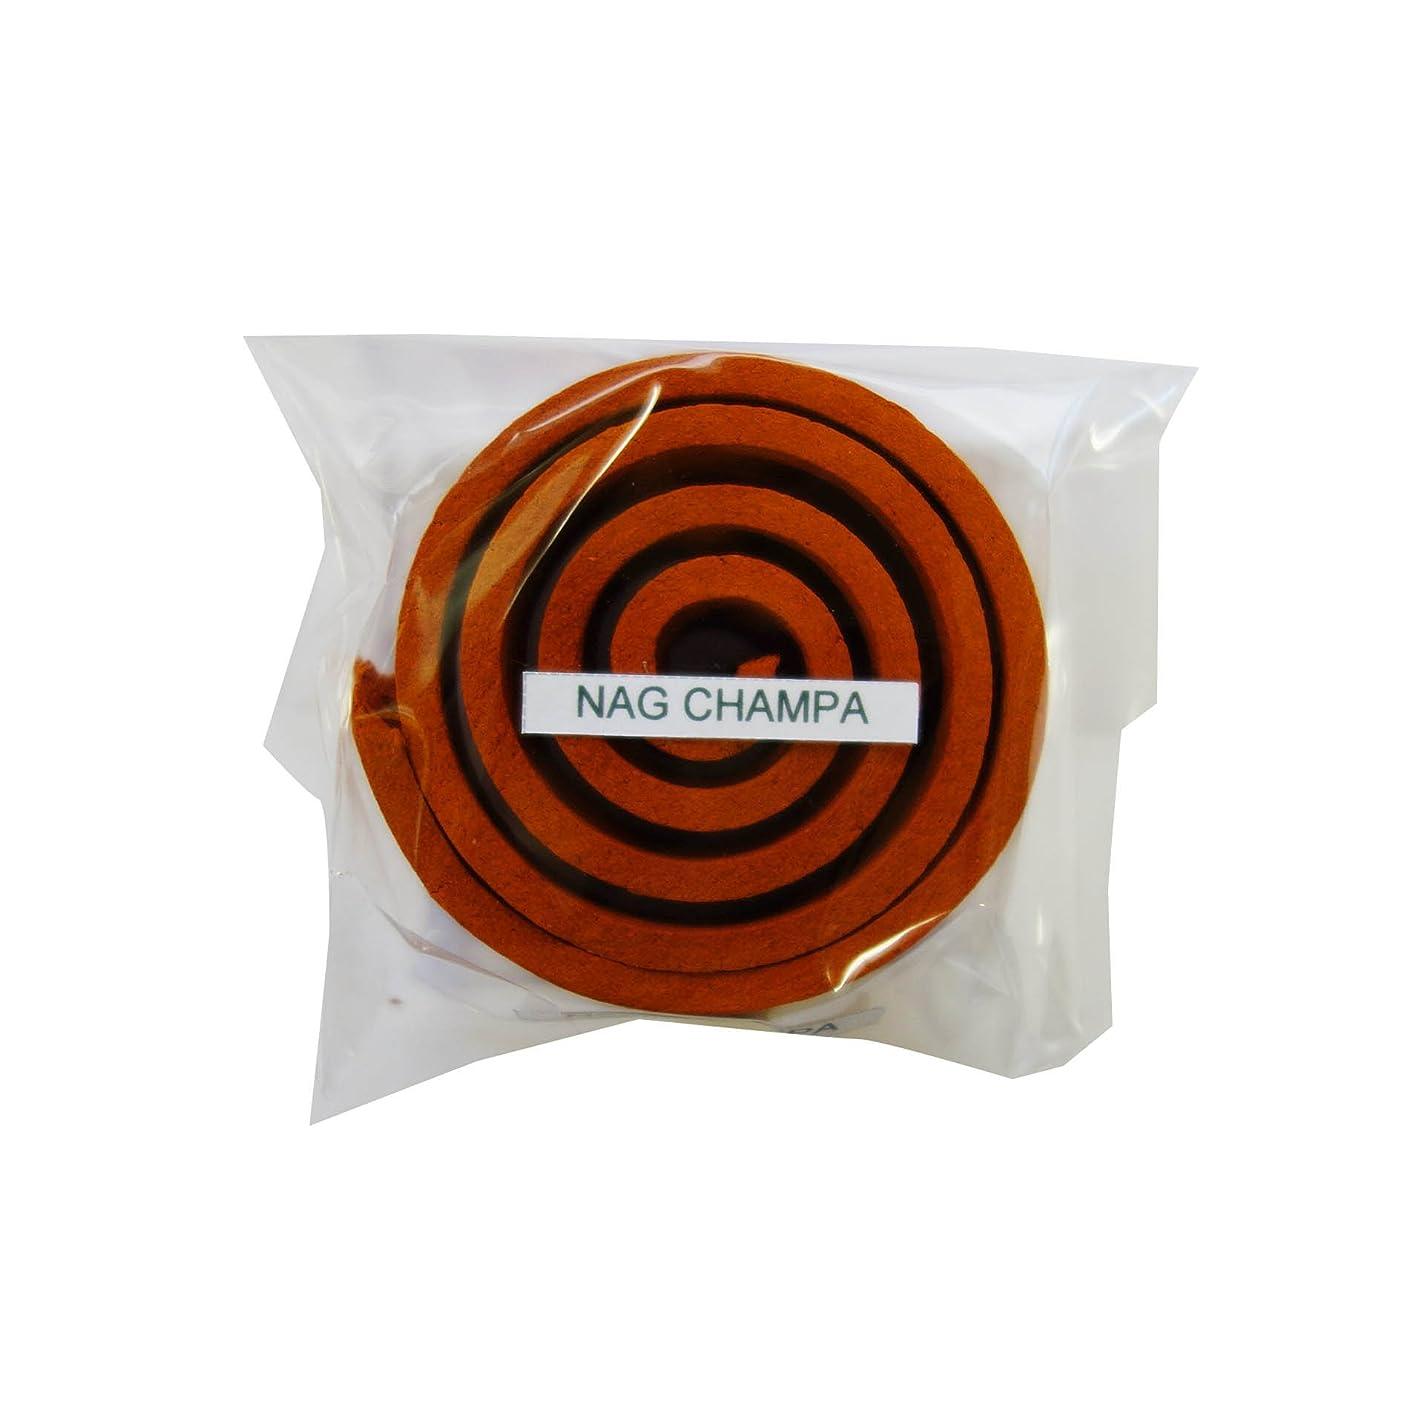 理解する価値のない軽量お香/うずまき香 Nag Champa ナグチャンパ 直径5cm×5巻セット [並行輸入品]